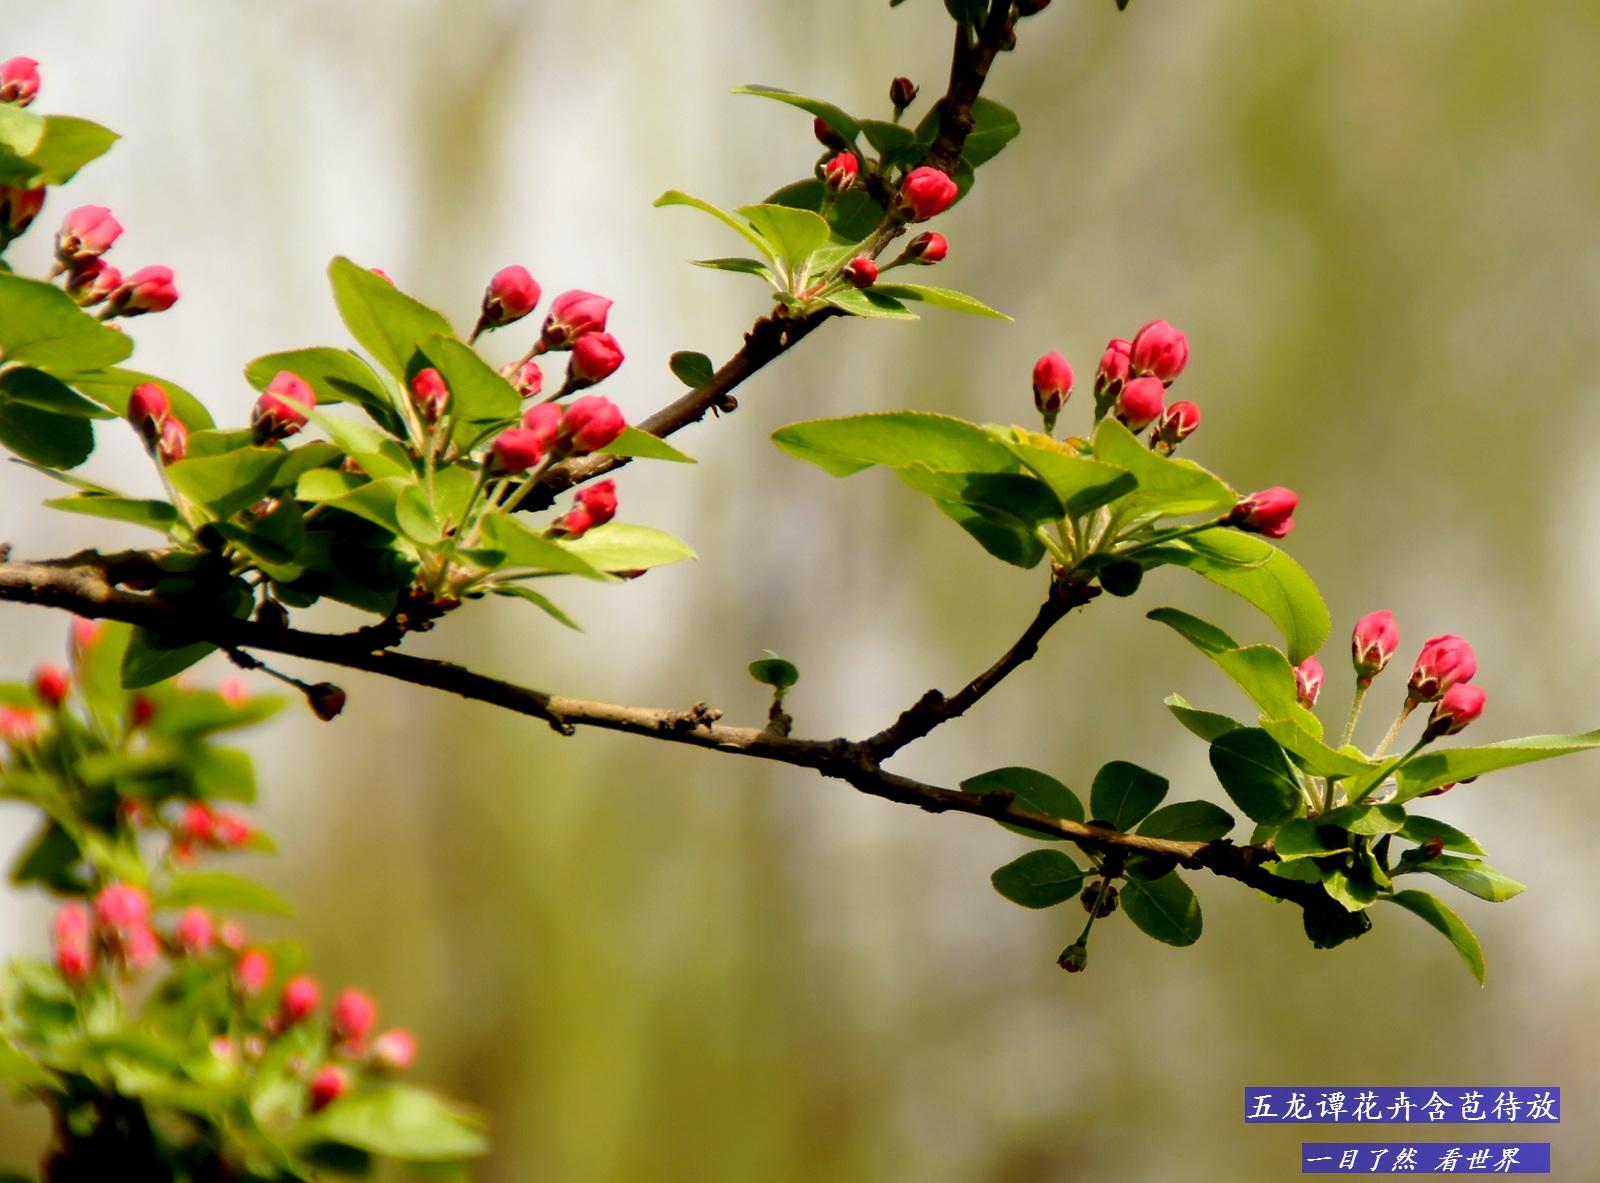 五龙谭花卉含苞待放-14-1600.jpg